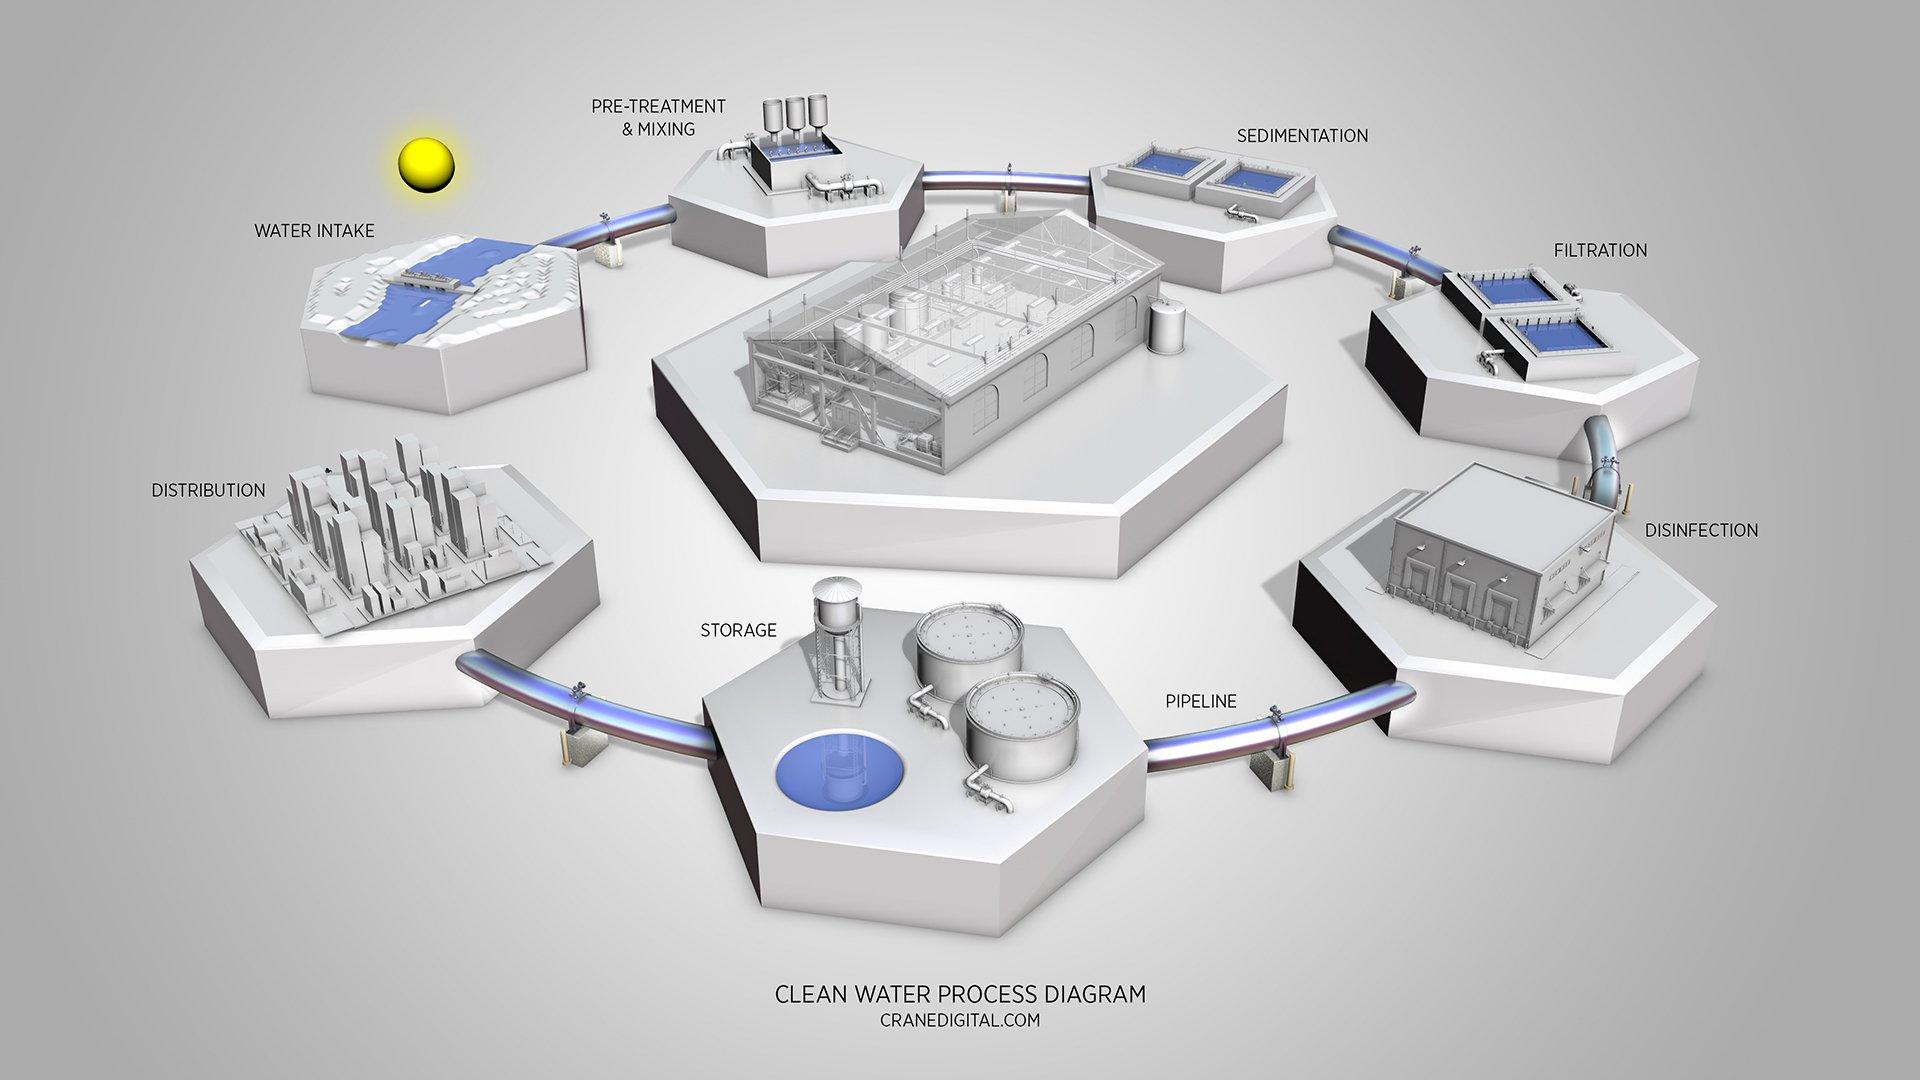 3D Site Maps & Process Diagrams